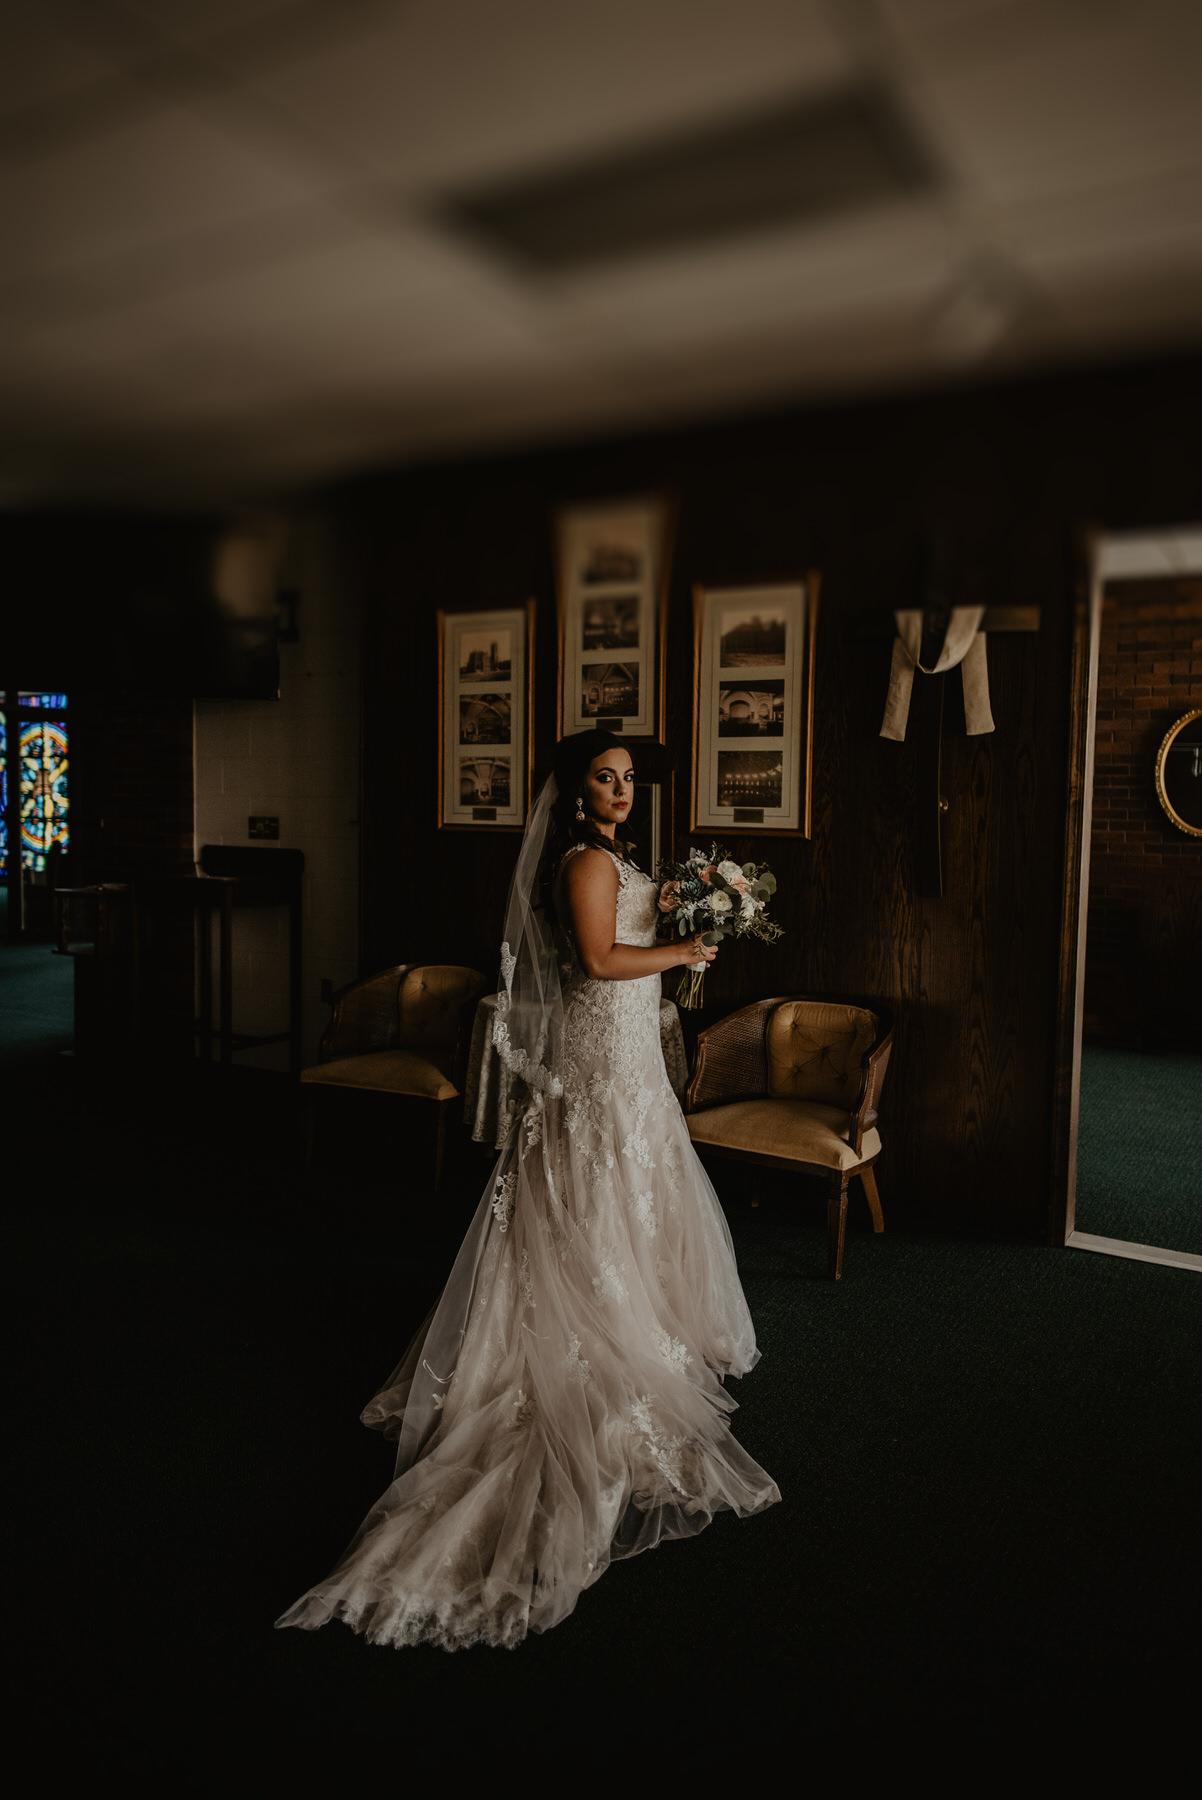 Kaylie-Sirek-Photography-Kearney-Nebraska-Wedding-028.jpg